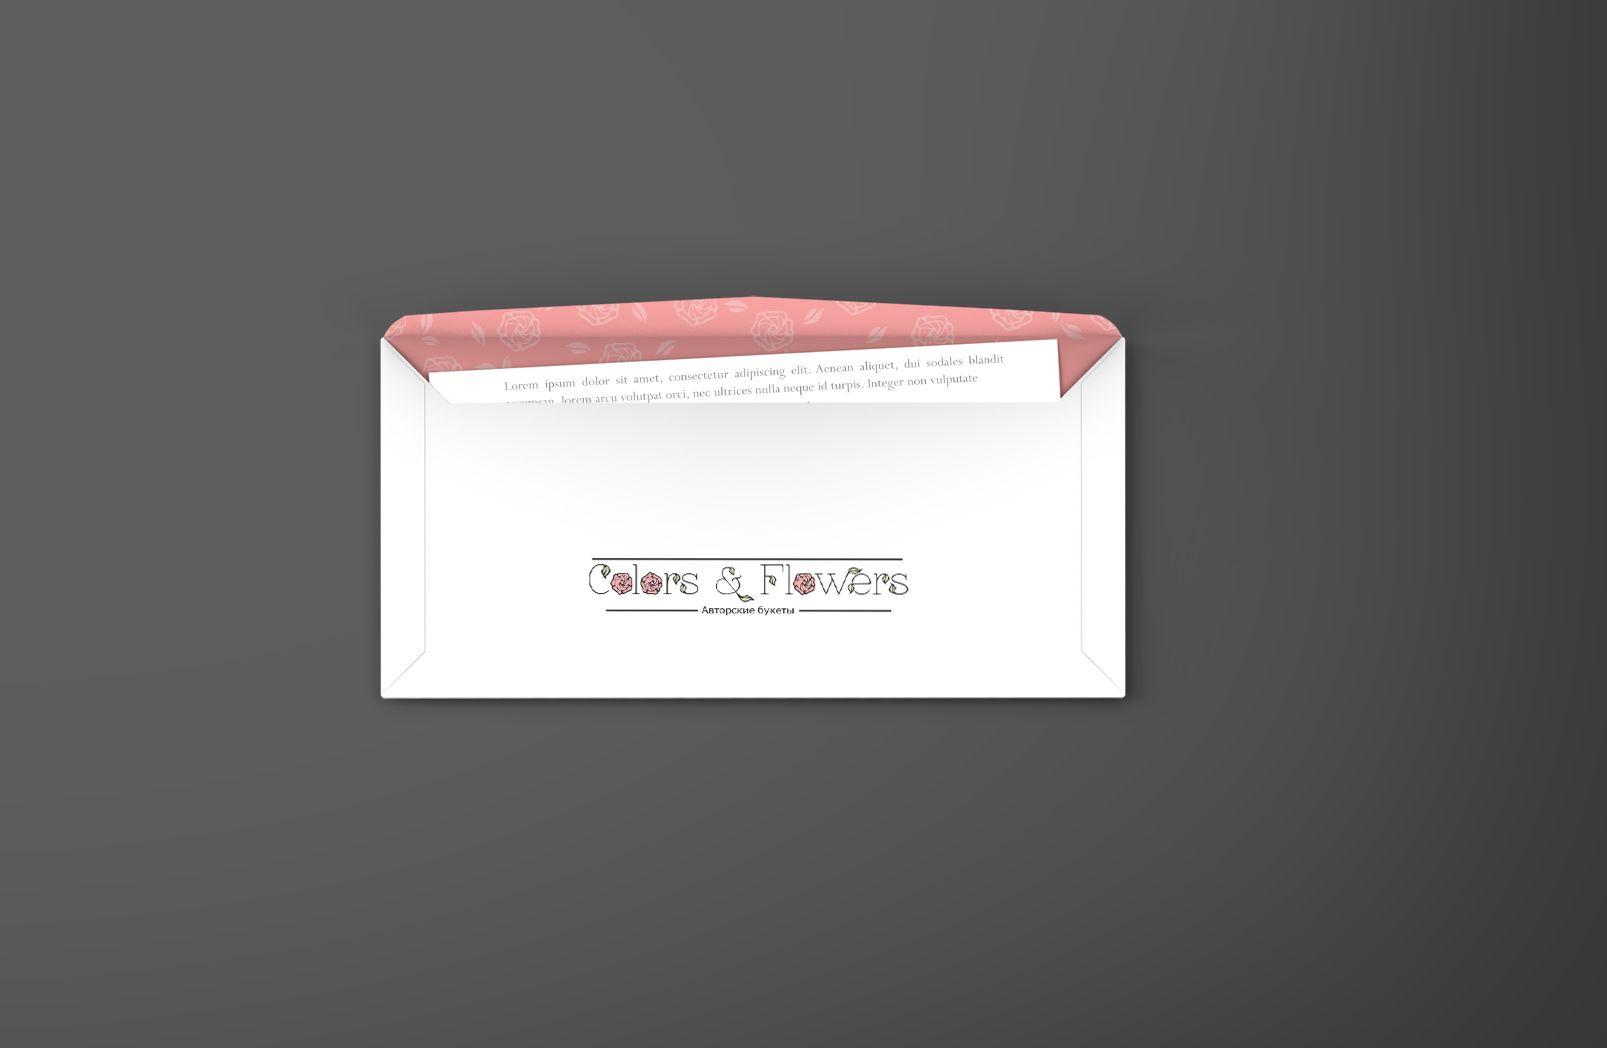 Colors & Flowers Логотип и фирменный стиль - дизайнер mugnolia_lia